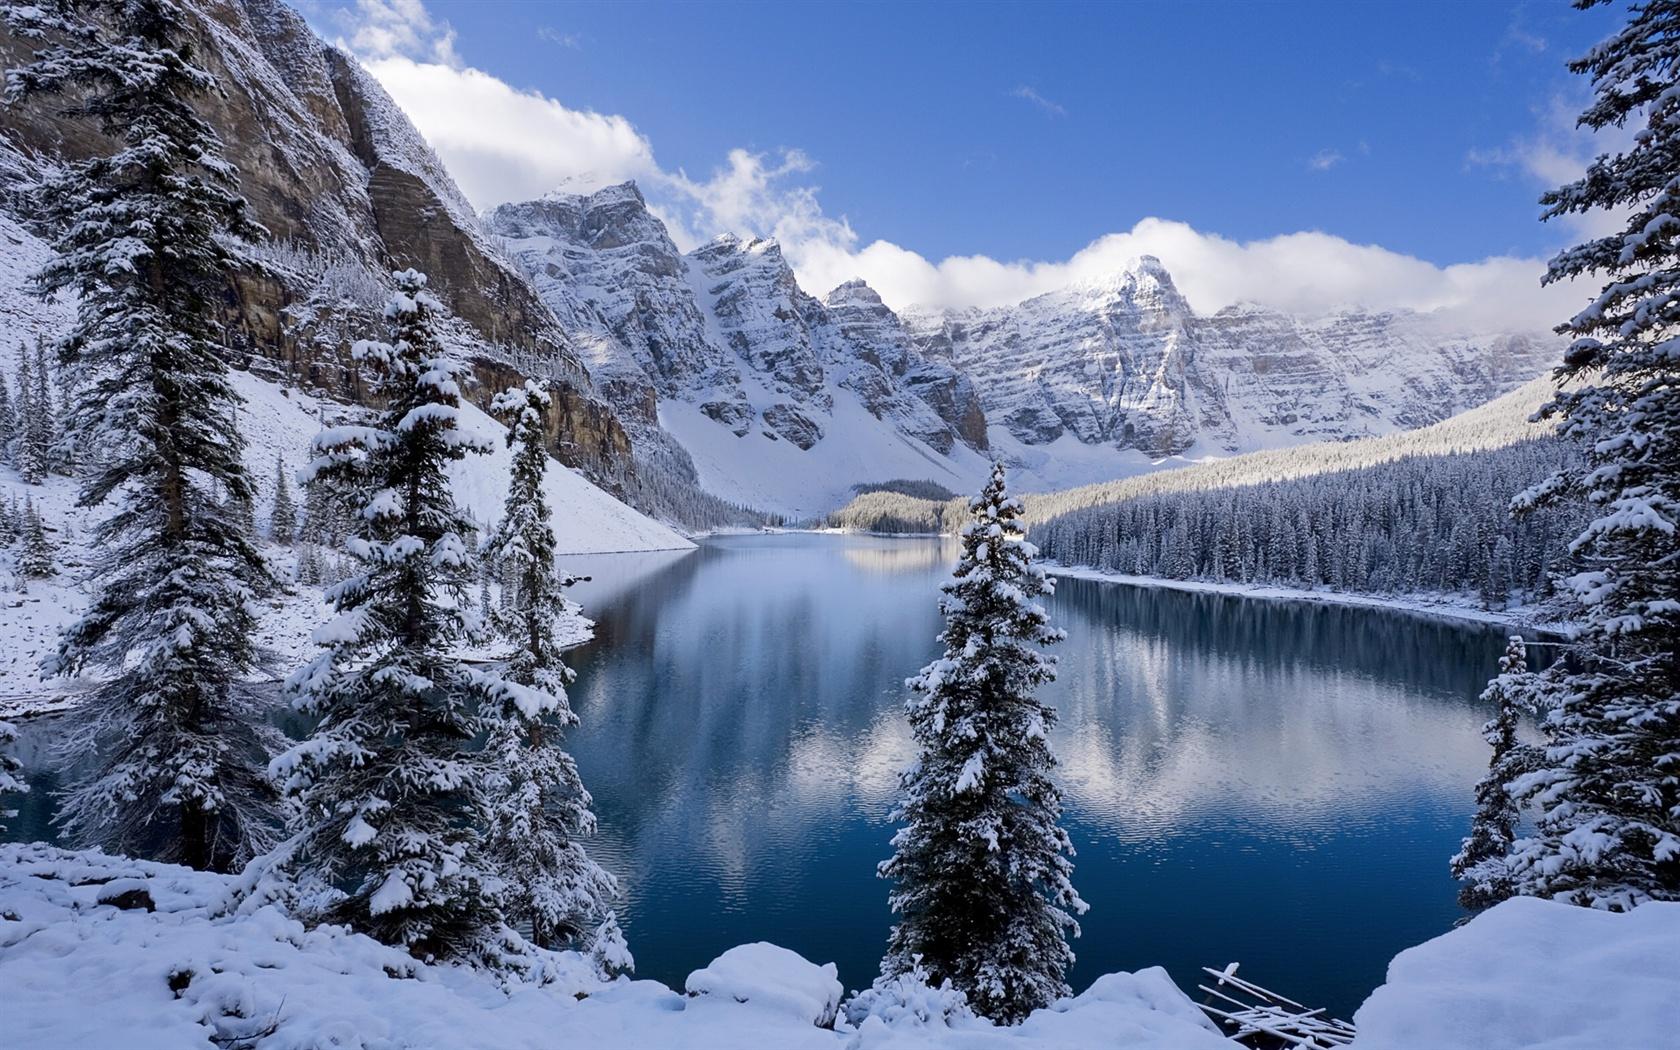 冬、雪に覆われた山々や木々、凍った湖 壁紙 - 1680x1050   冬、雪に覆われた山々や木